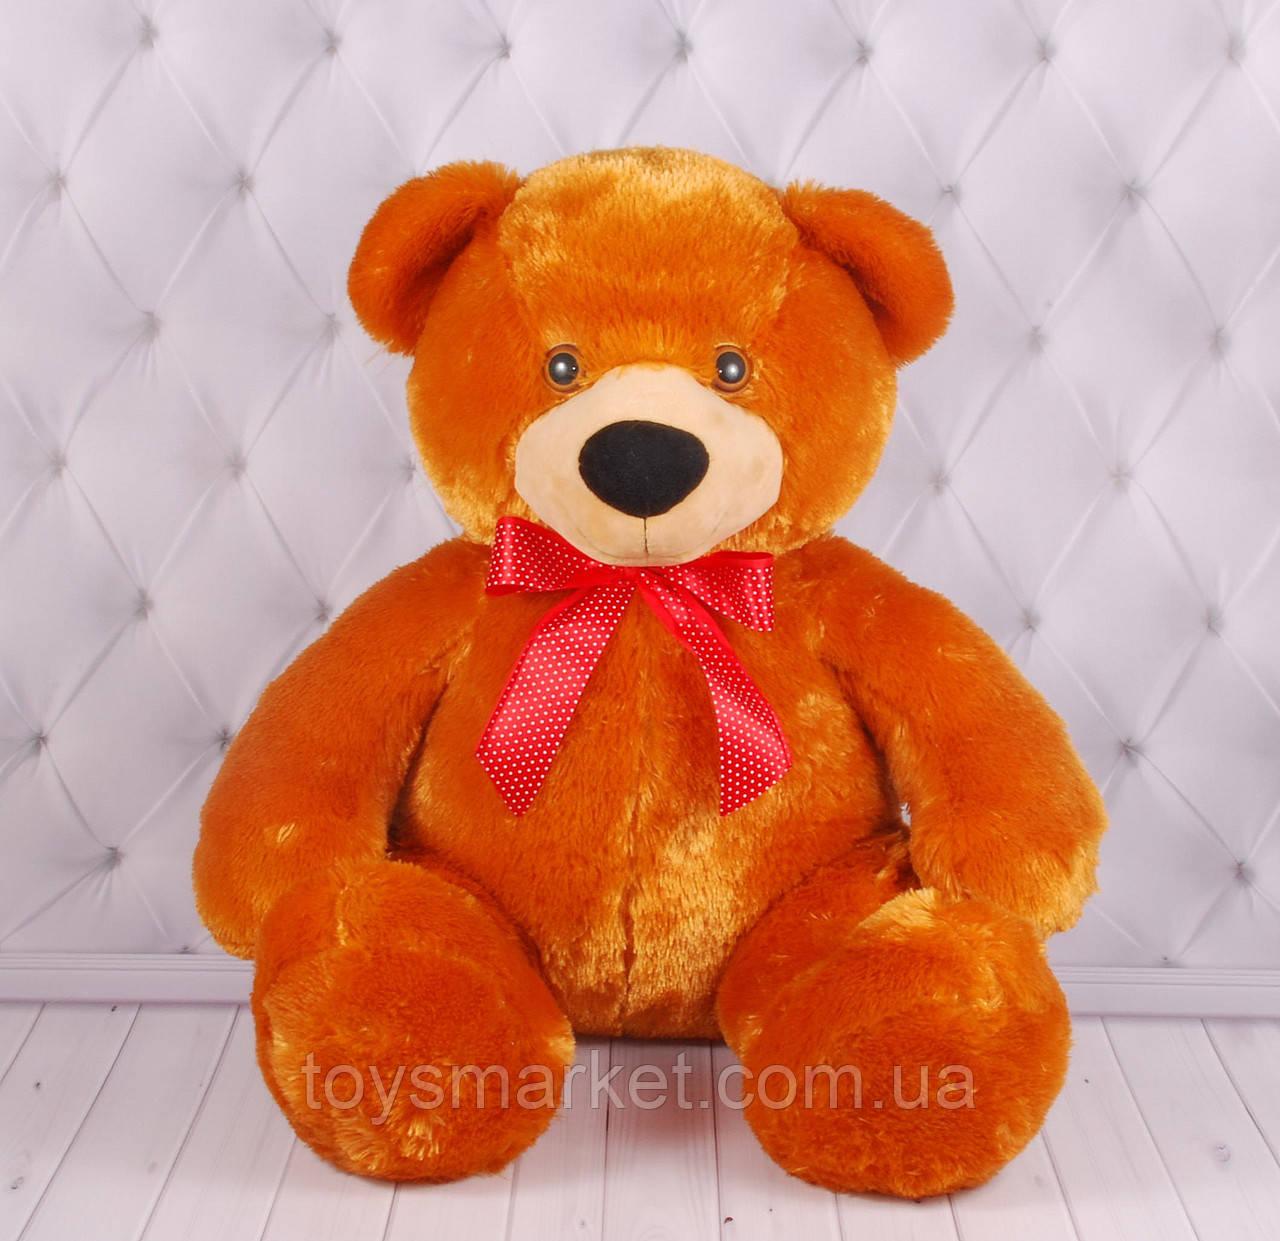 """Мягкая игрушка, плюшевый мишка """"Тедд"""", мягкий медведь в наличии"""